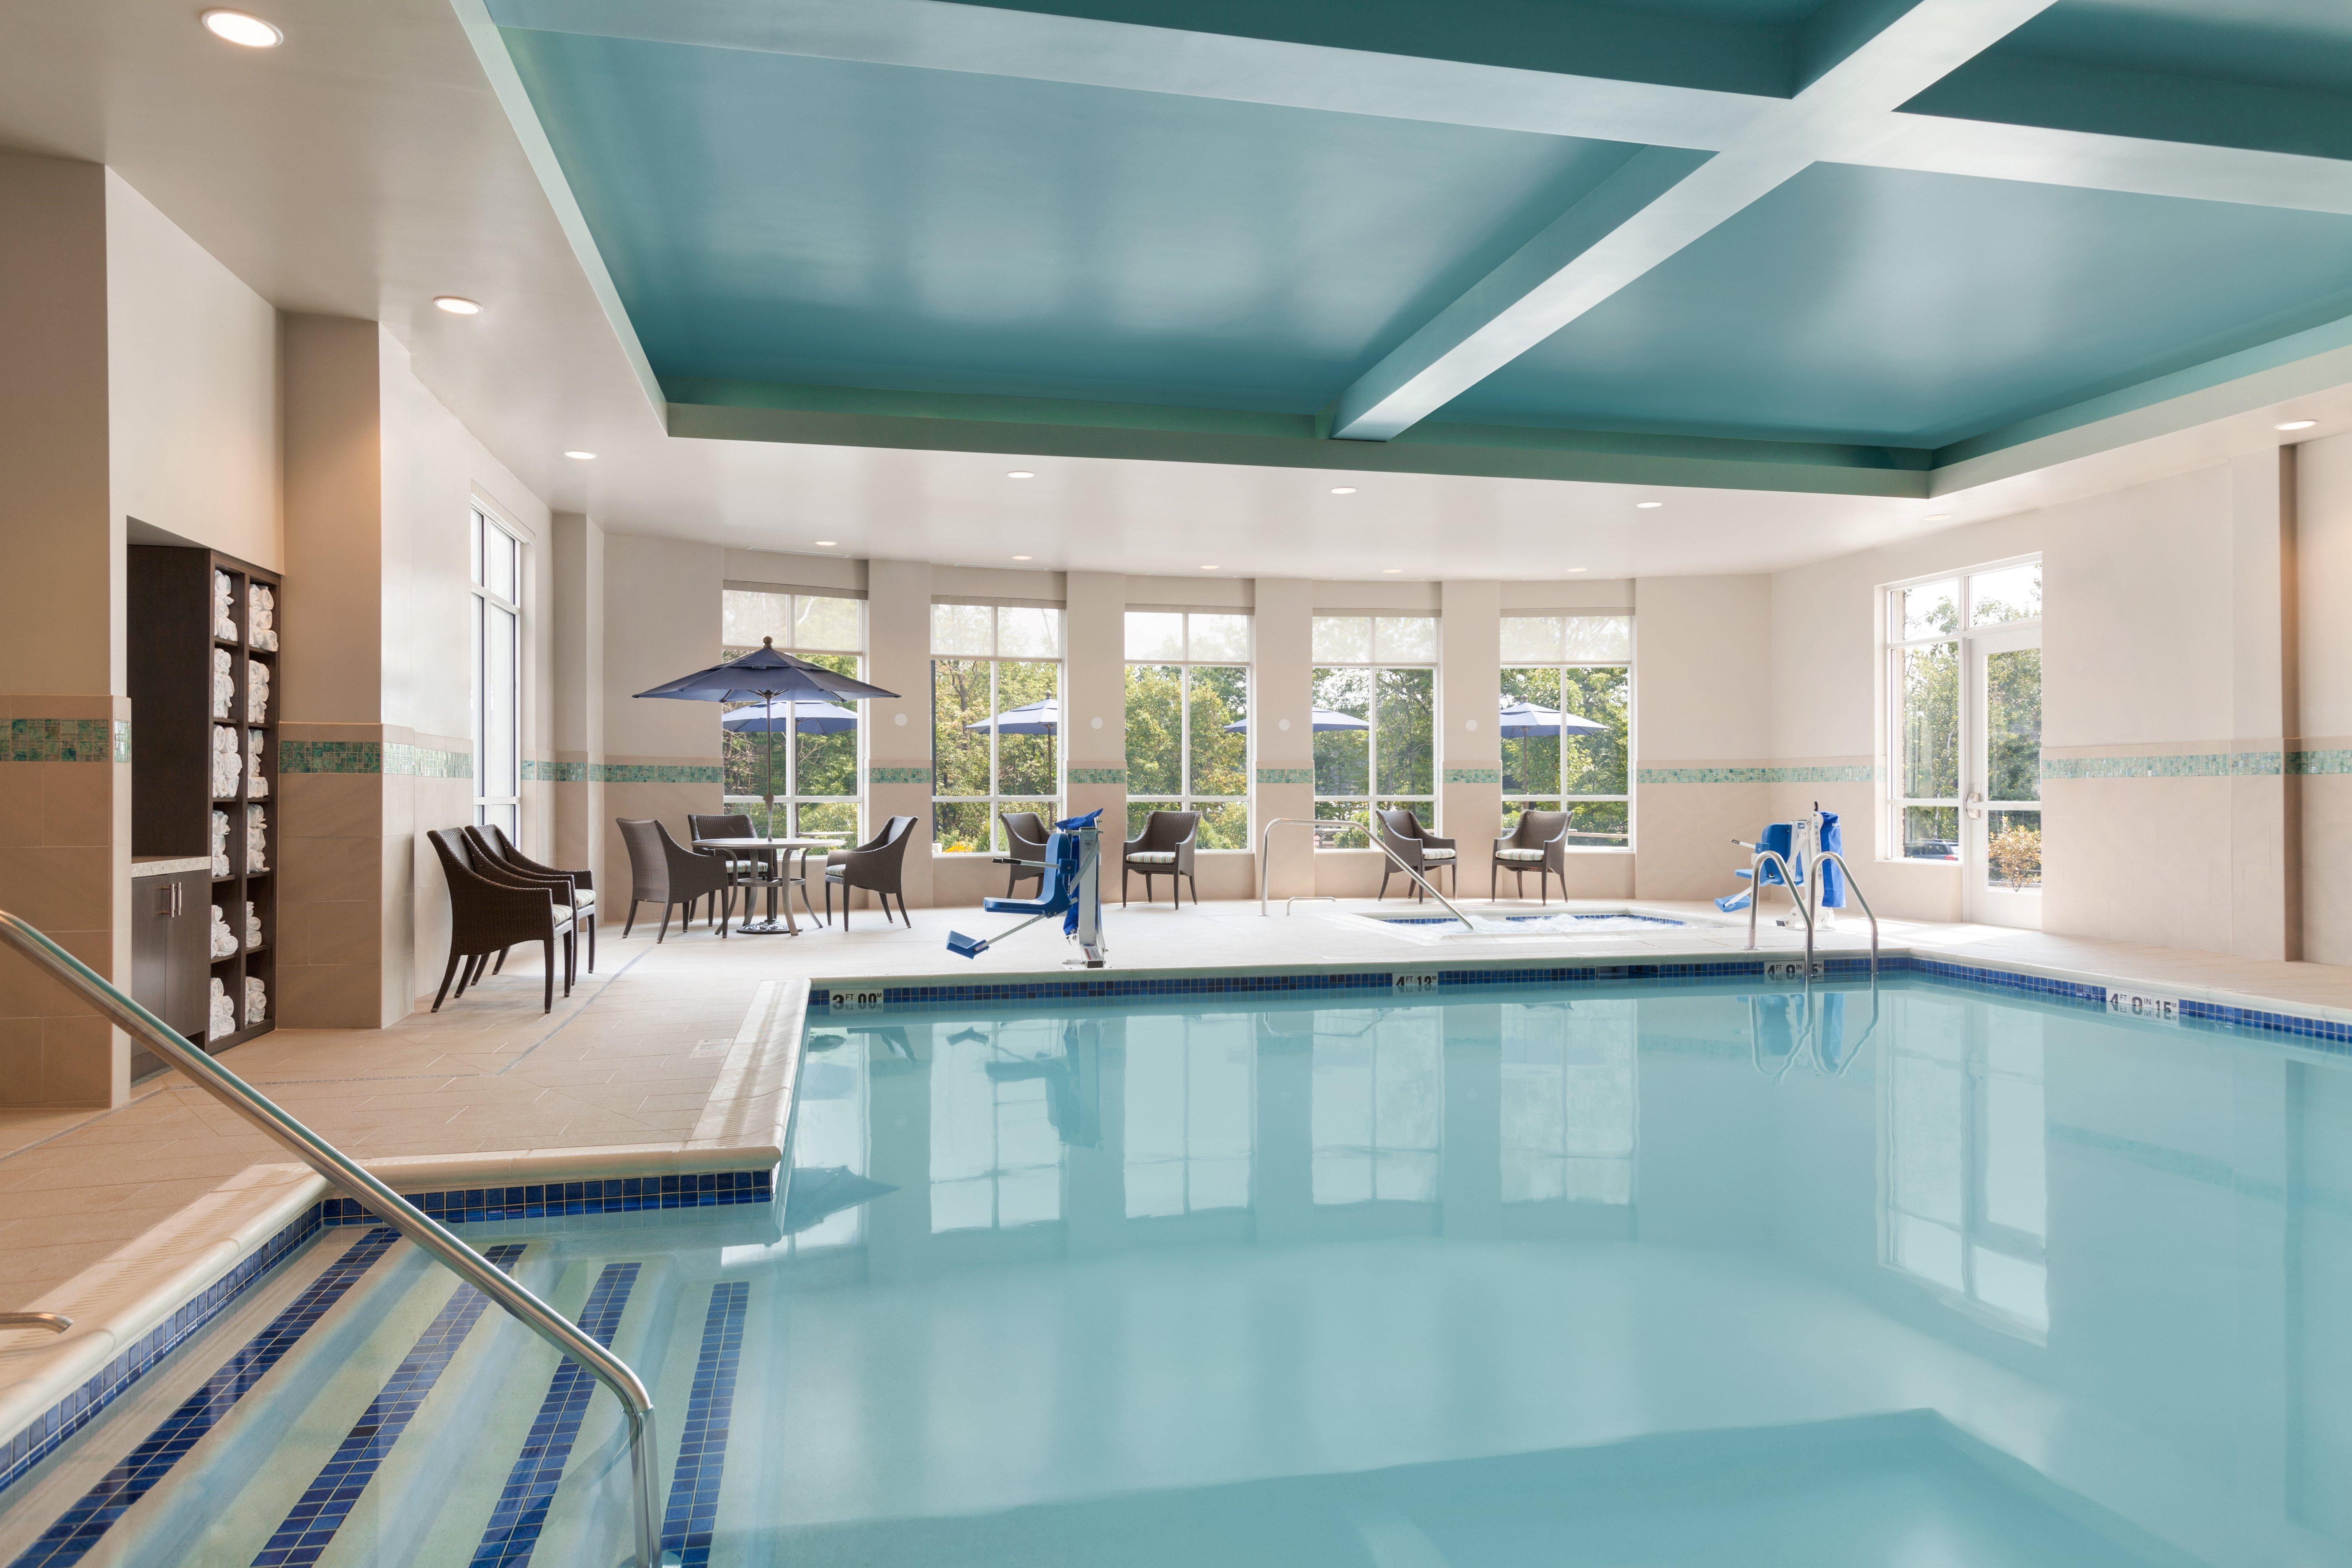 Hilton Garden Inn Lenox Pittsfield In Pittsfield Ma 01201